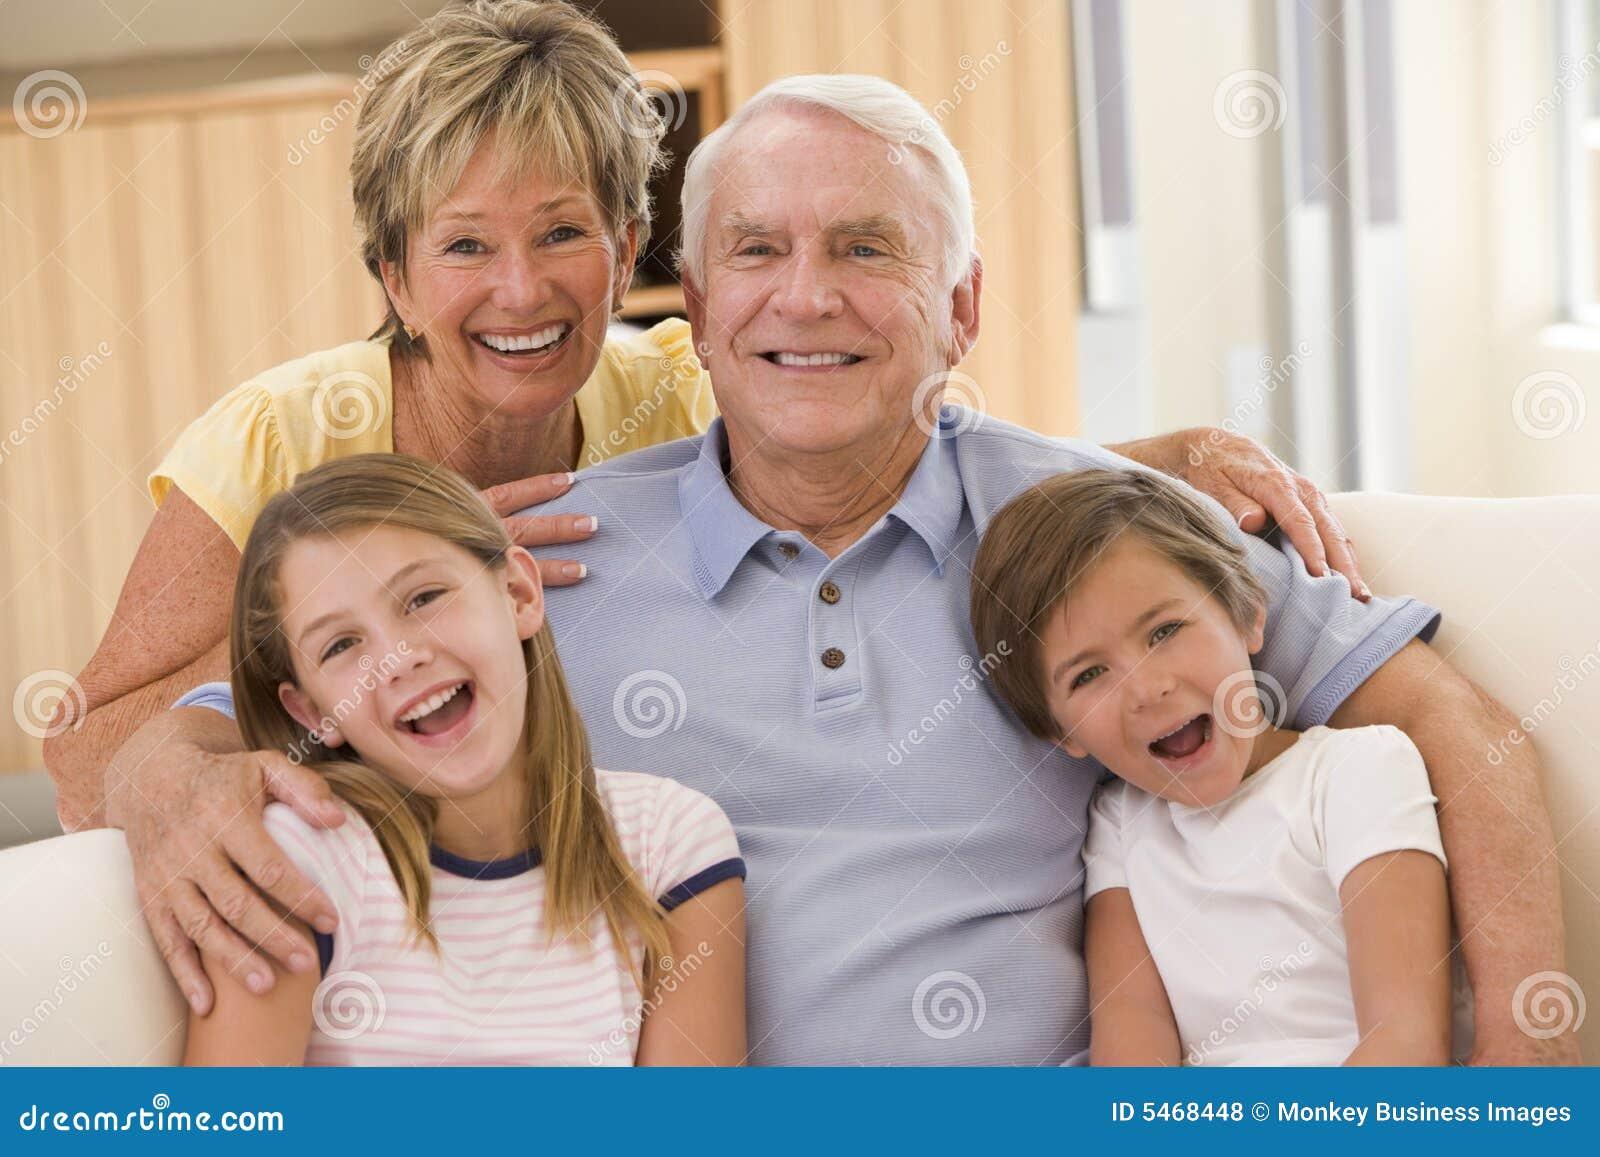 Русская старушка и внук 7 фотография